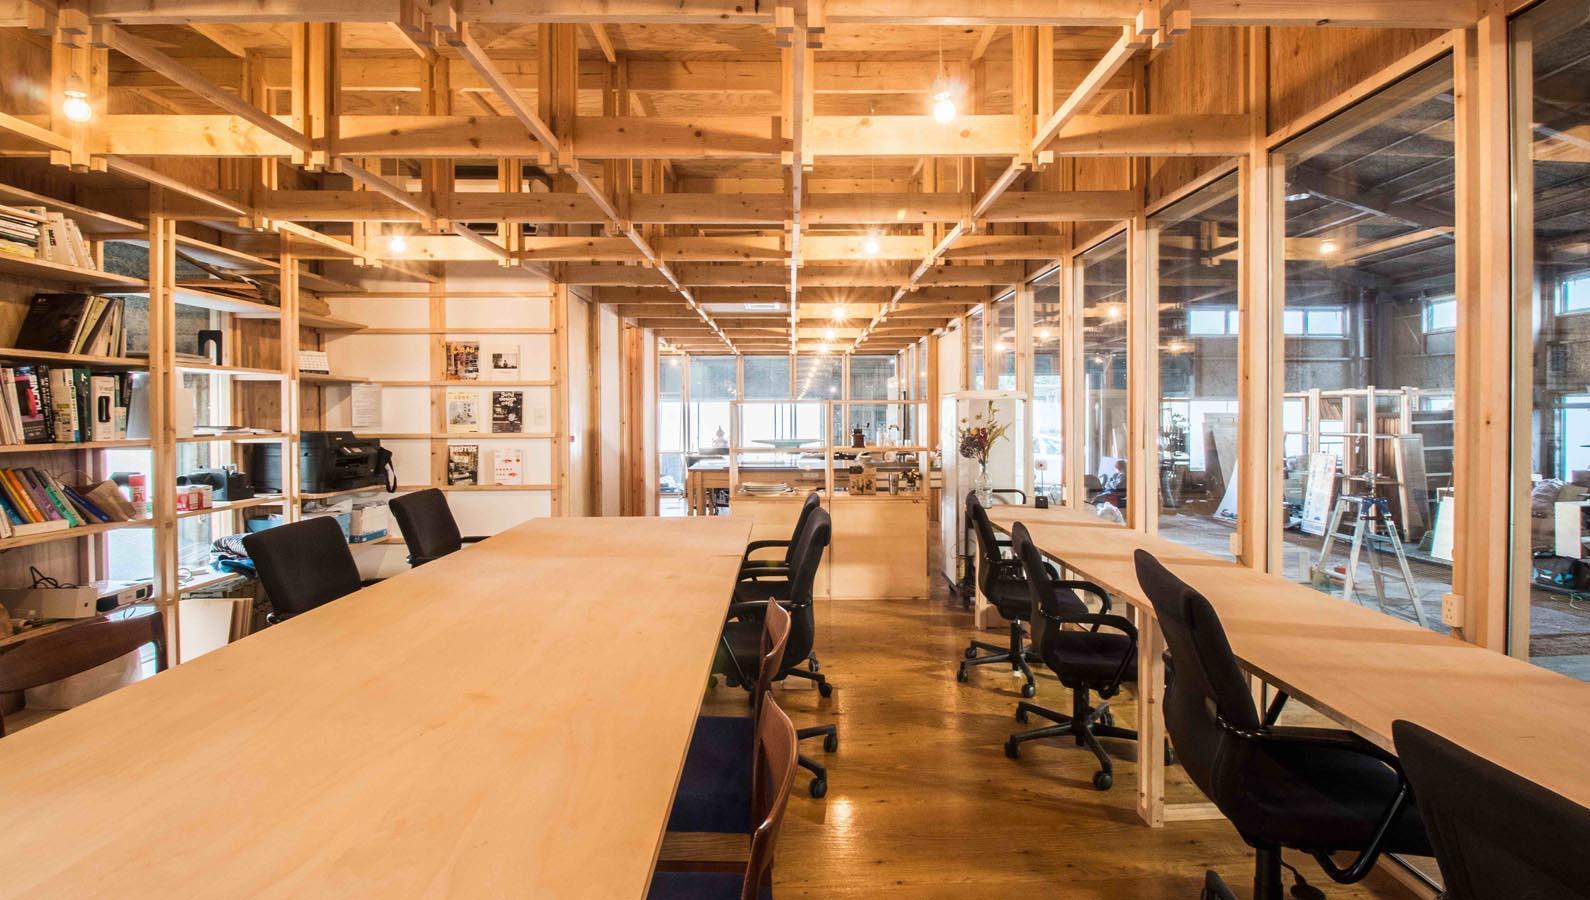 格子状に組まれた天井が印象的。右側が固定席、左手側がフリー席